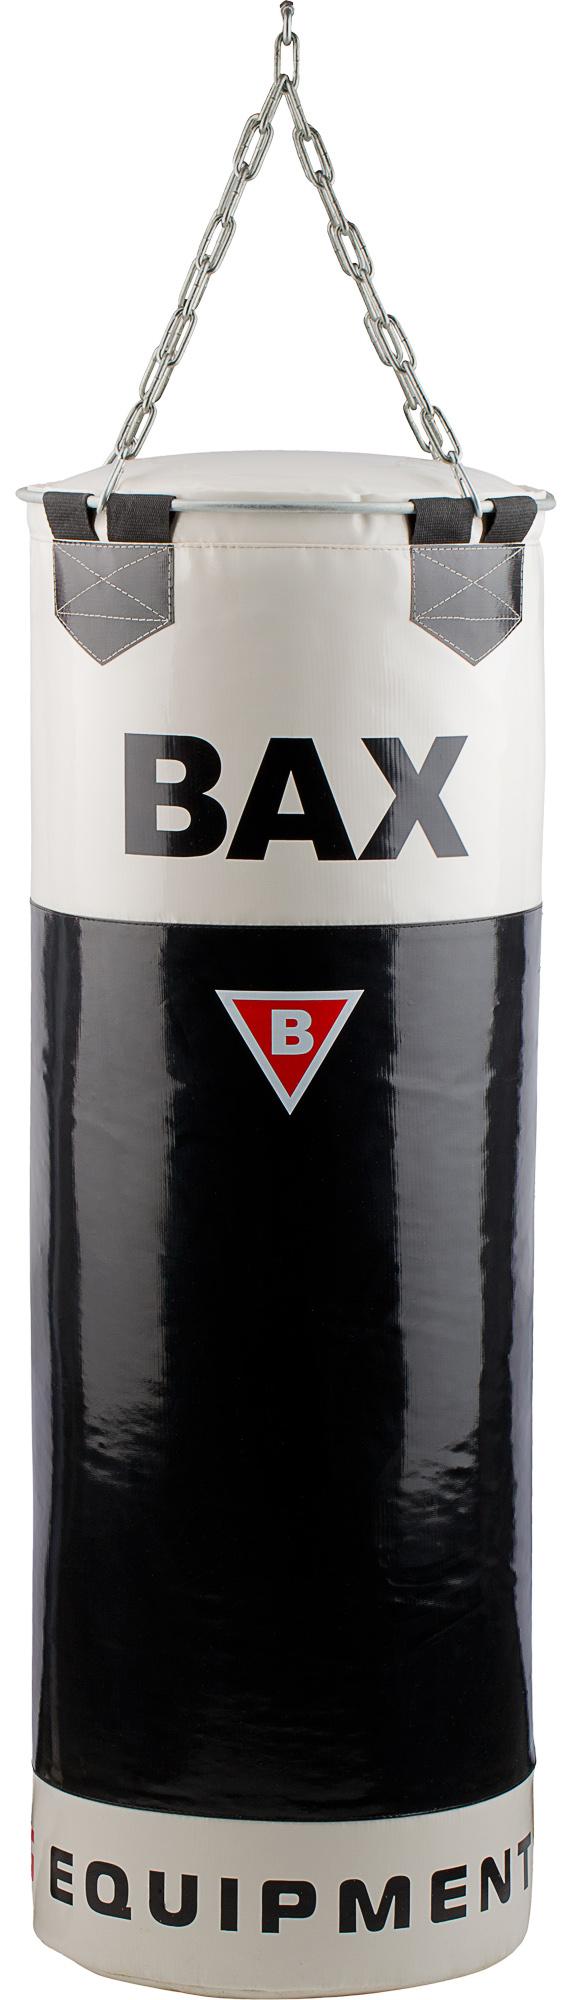 Bax Мешок набивной Bax, 20 кг bax мешок набивной bax 50 кг